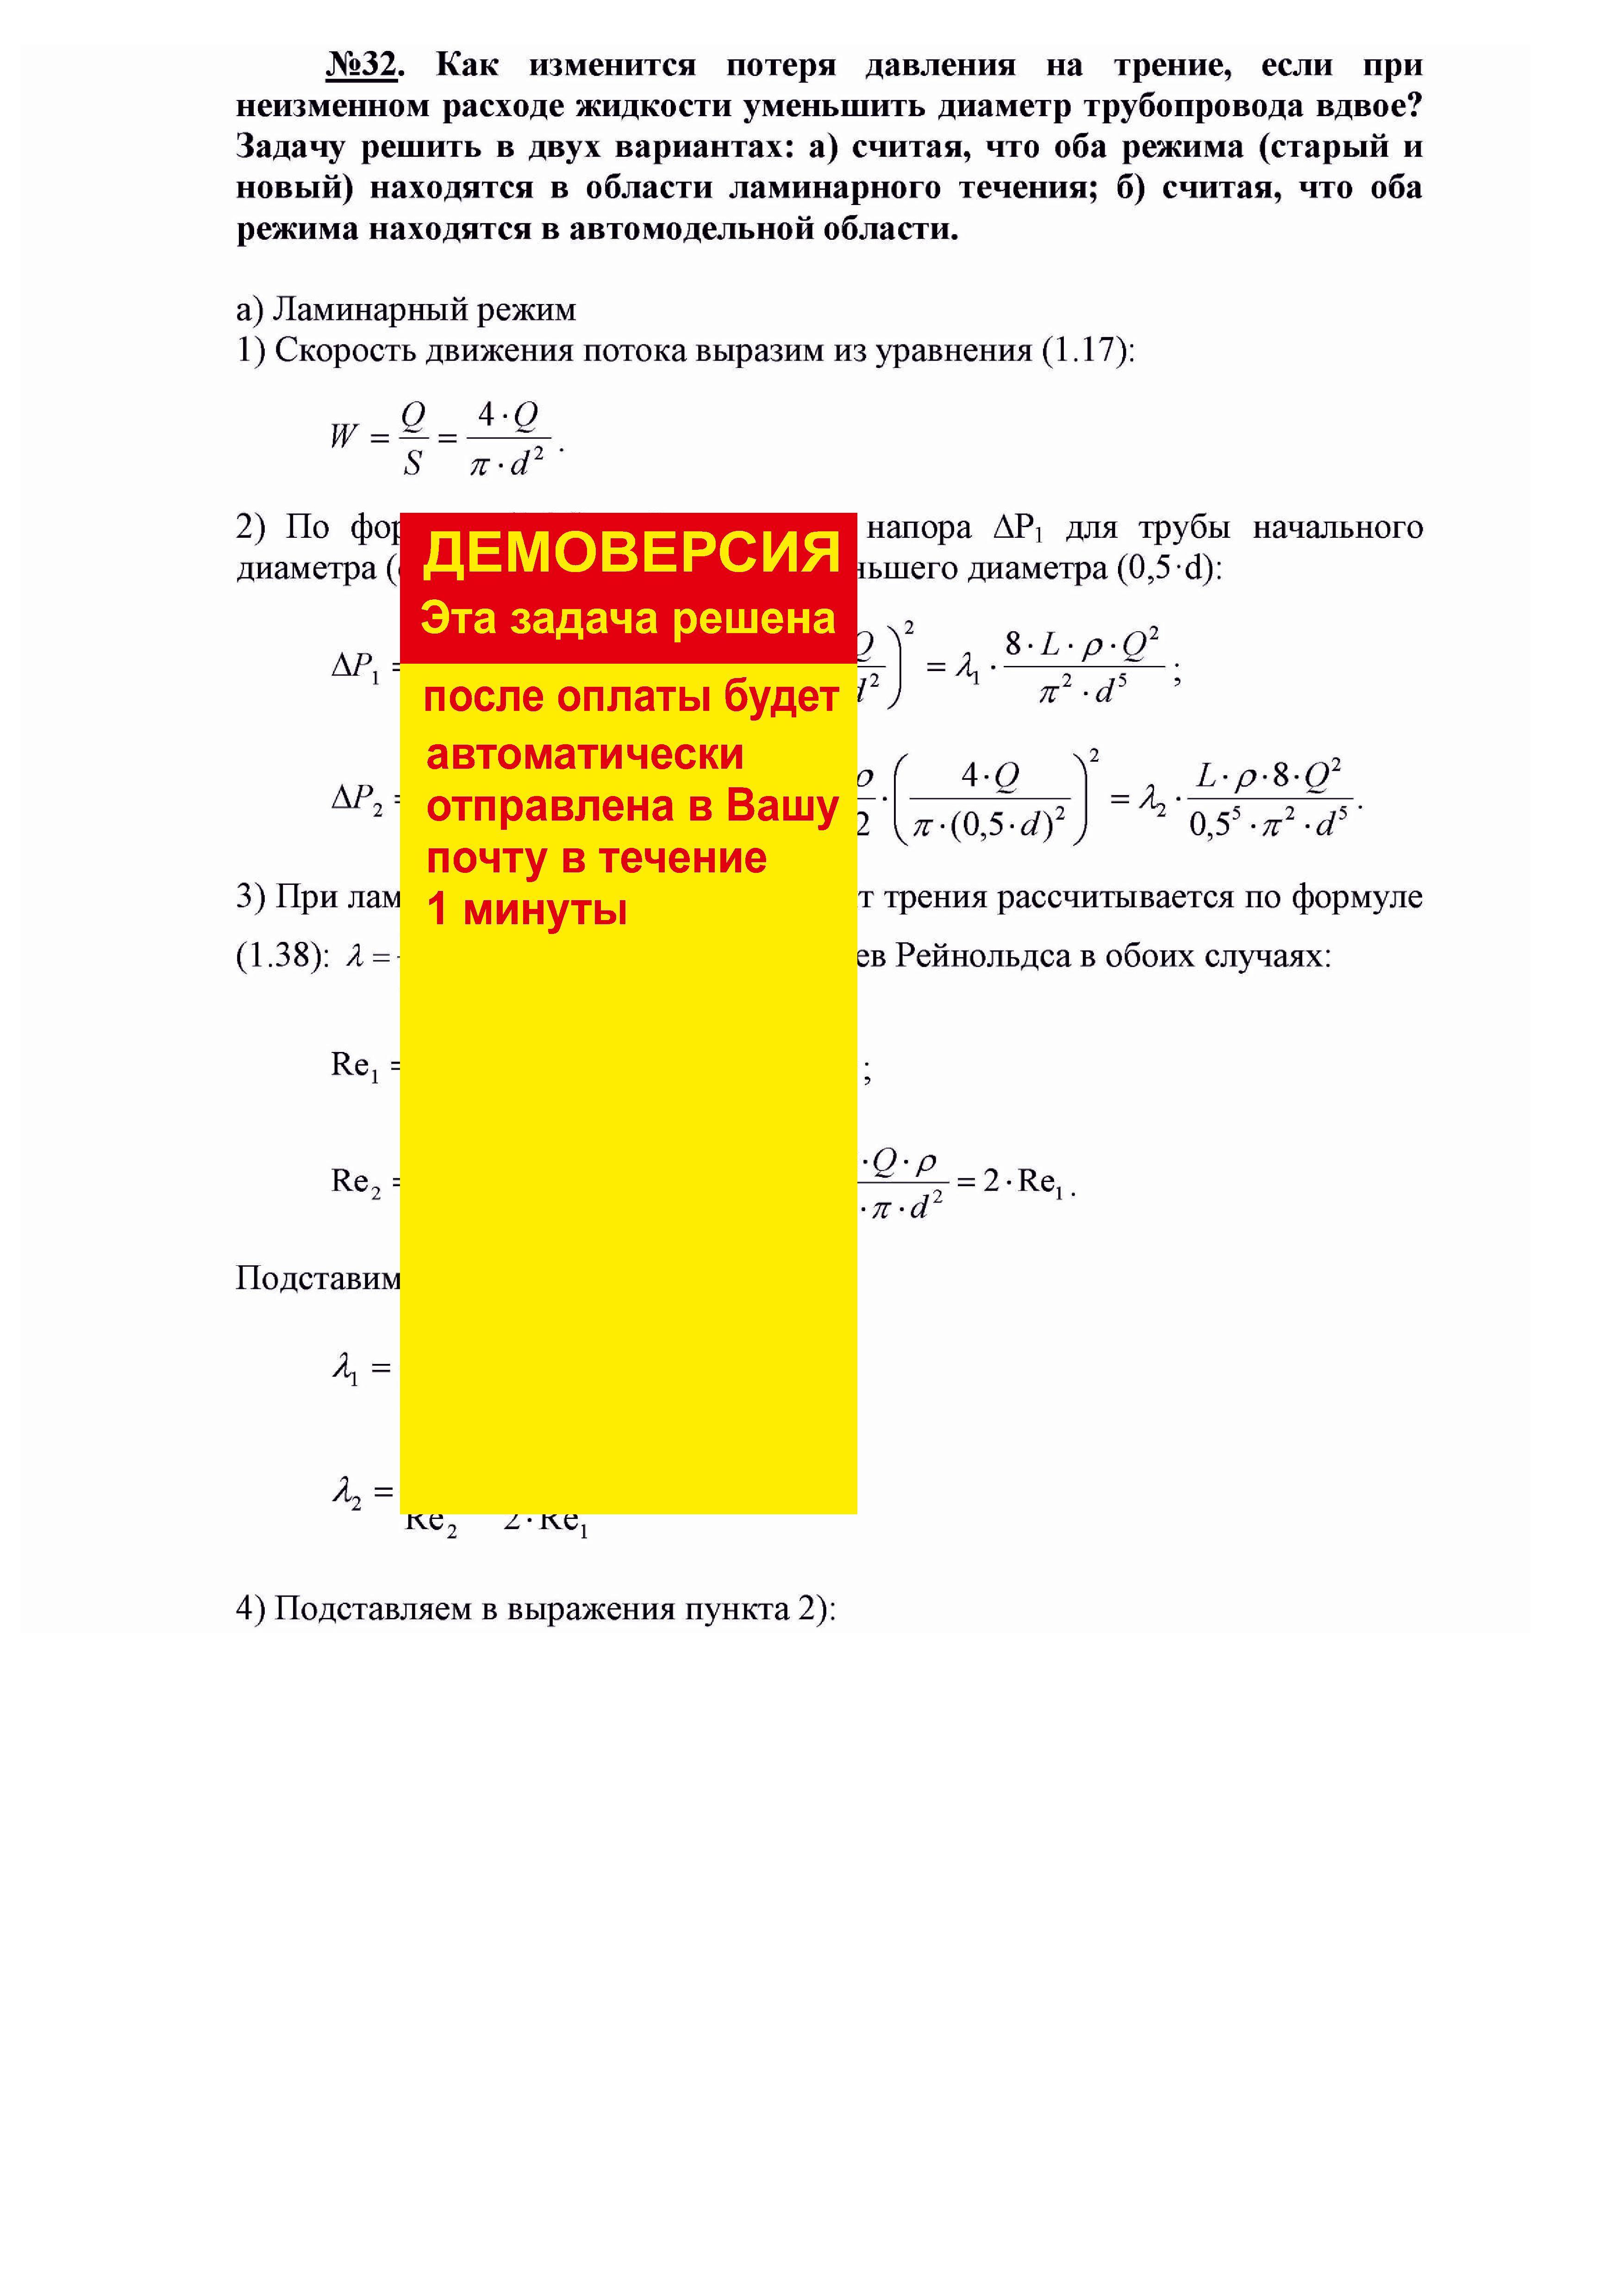 Решение задачи 1.32 по ПАХТ из задачника Павлова Романкова Носкова